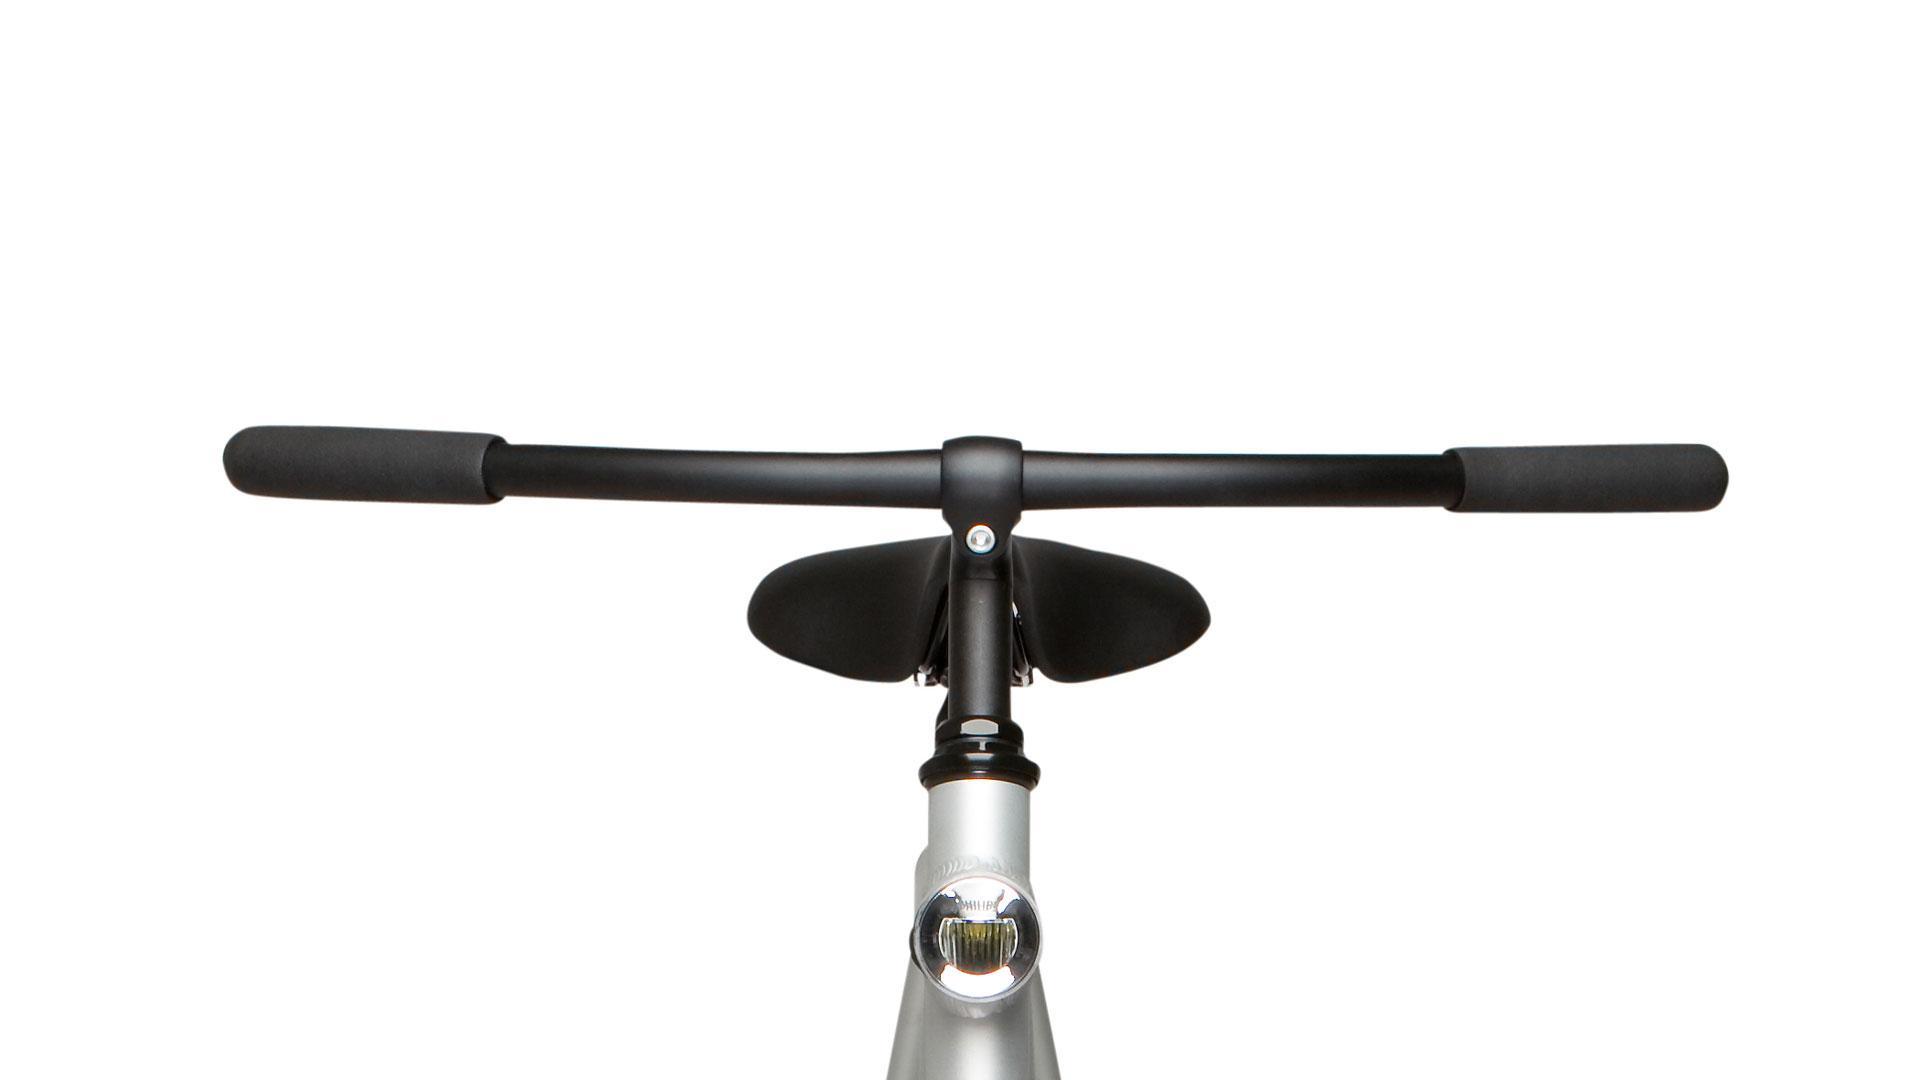 VANMOOF - commuter bicycles